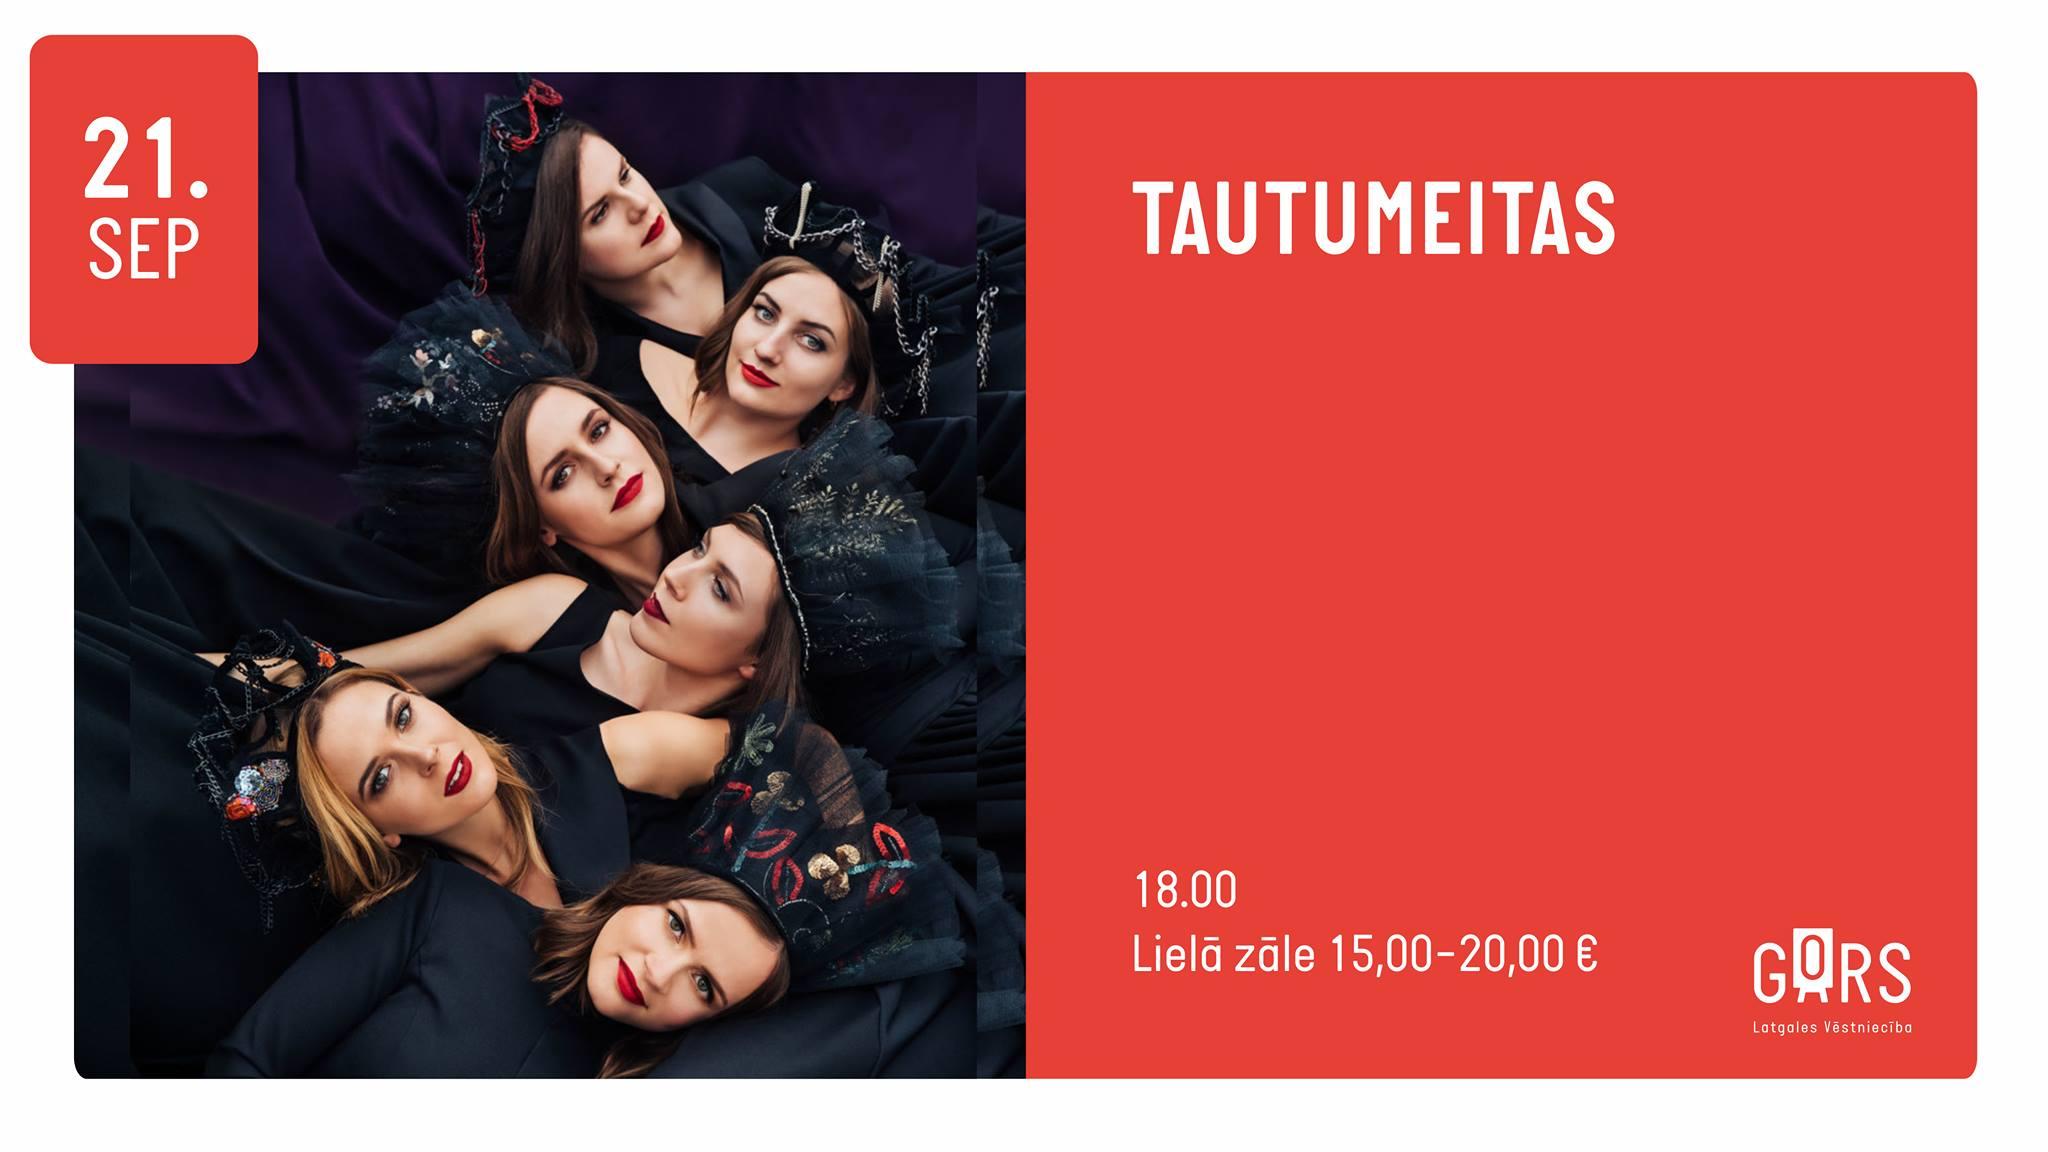 """Grupys """"Tautumeitas"""" koncerts @ Latgolys viestnīceibā GORS"""